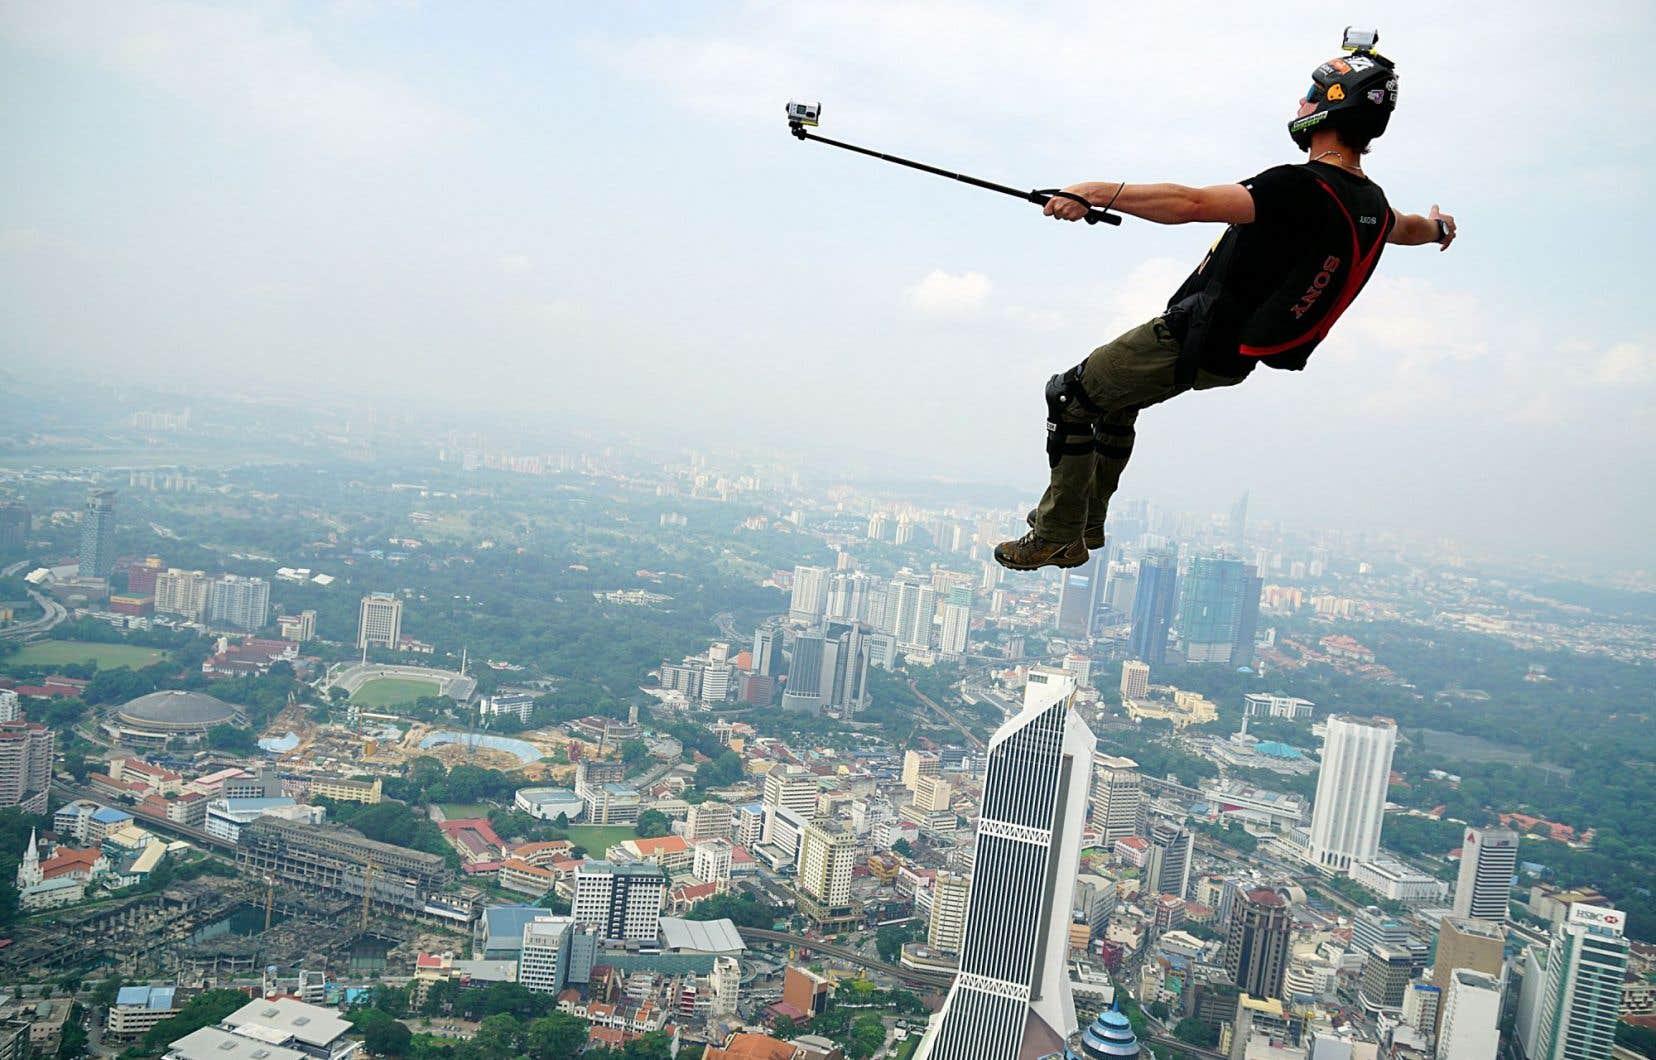 Saut périlleux depuis une tour de Kuala Lumpur,en Malaisie. La soif de mise en scène n'a pas de fin pour les adeptes du «selfie» extrême.